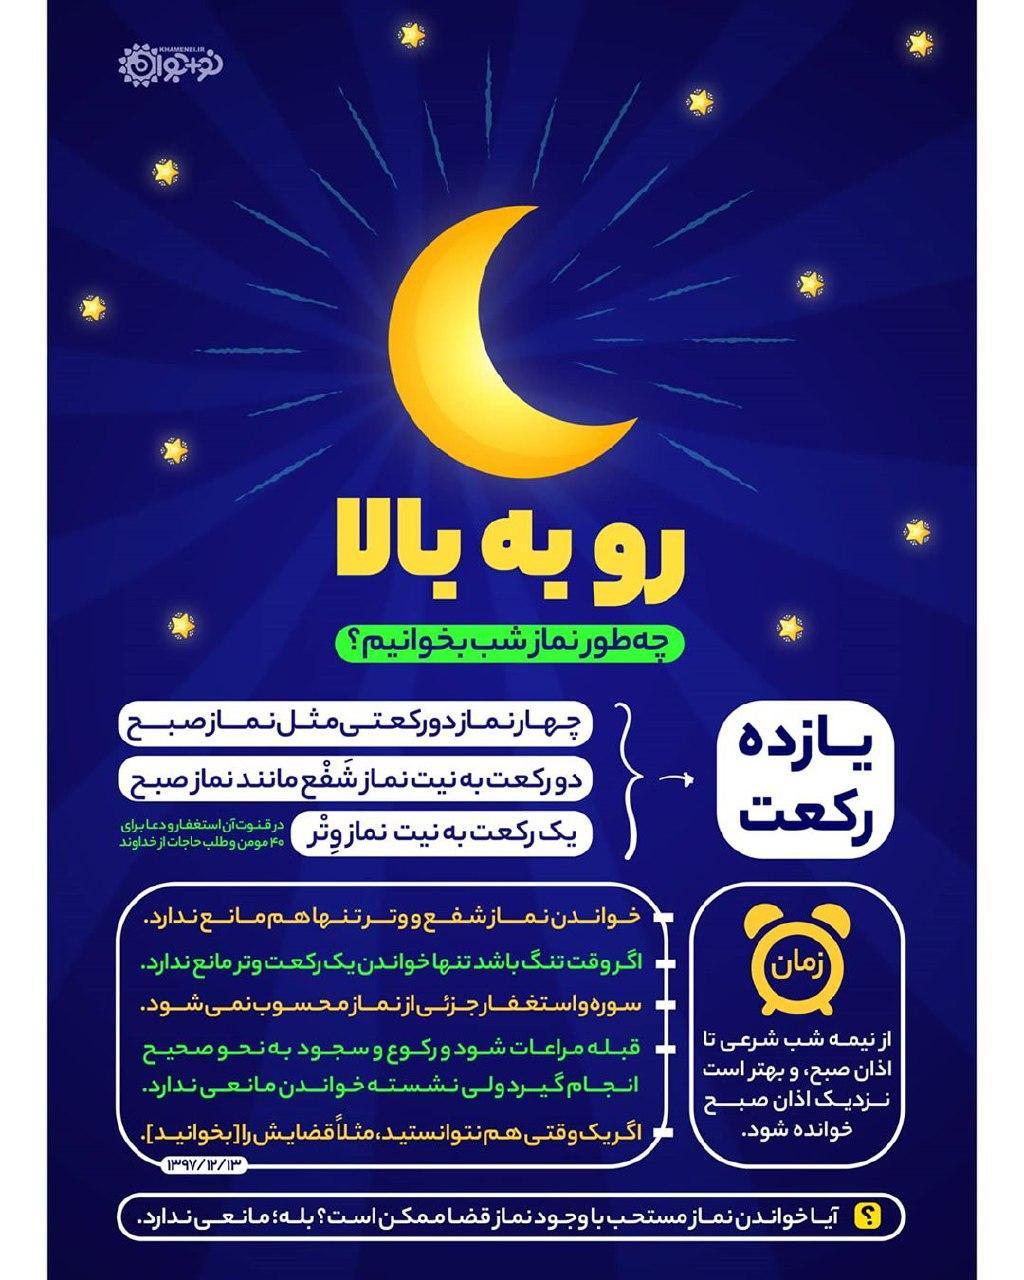 چگونه نماز شب بخوانیم؟ + اینفوگرافیک